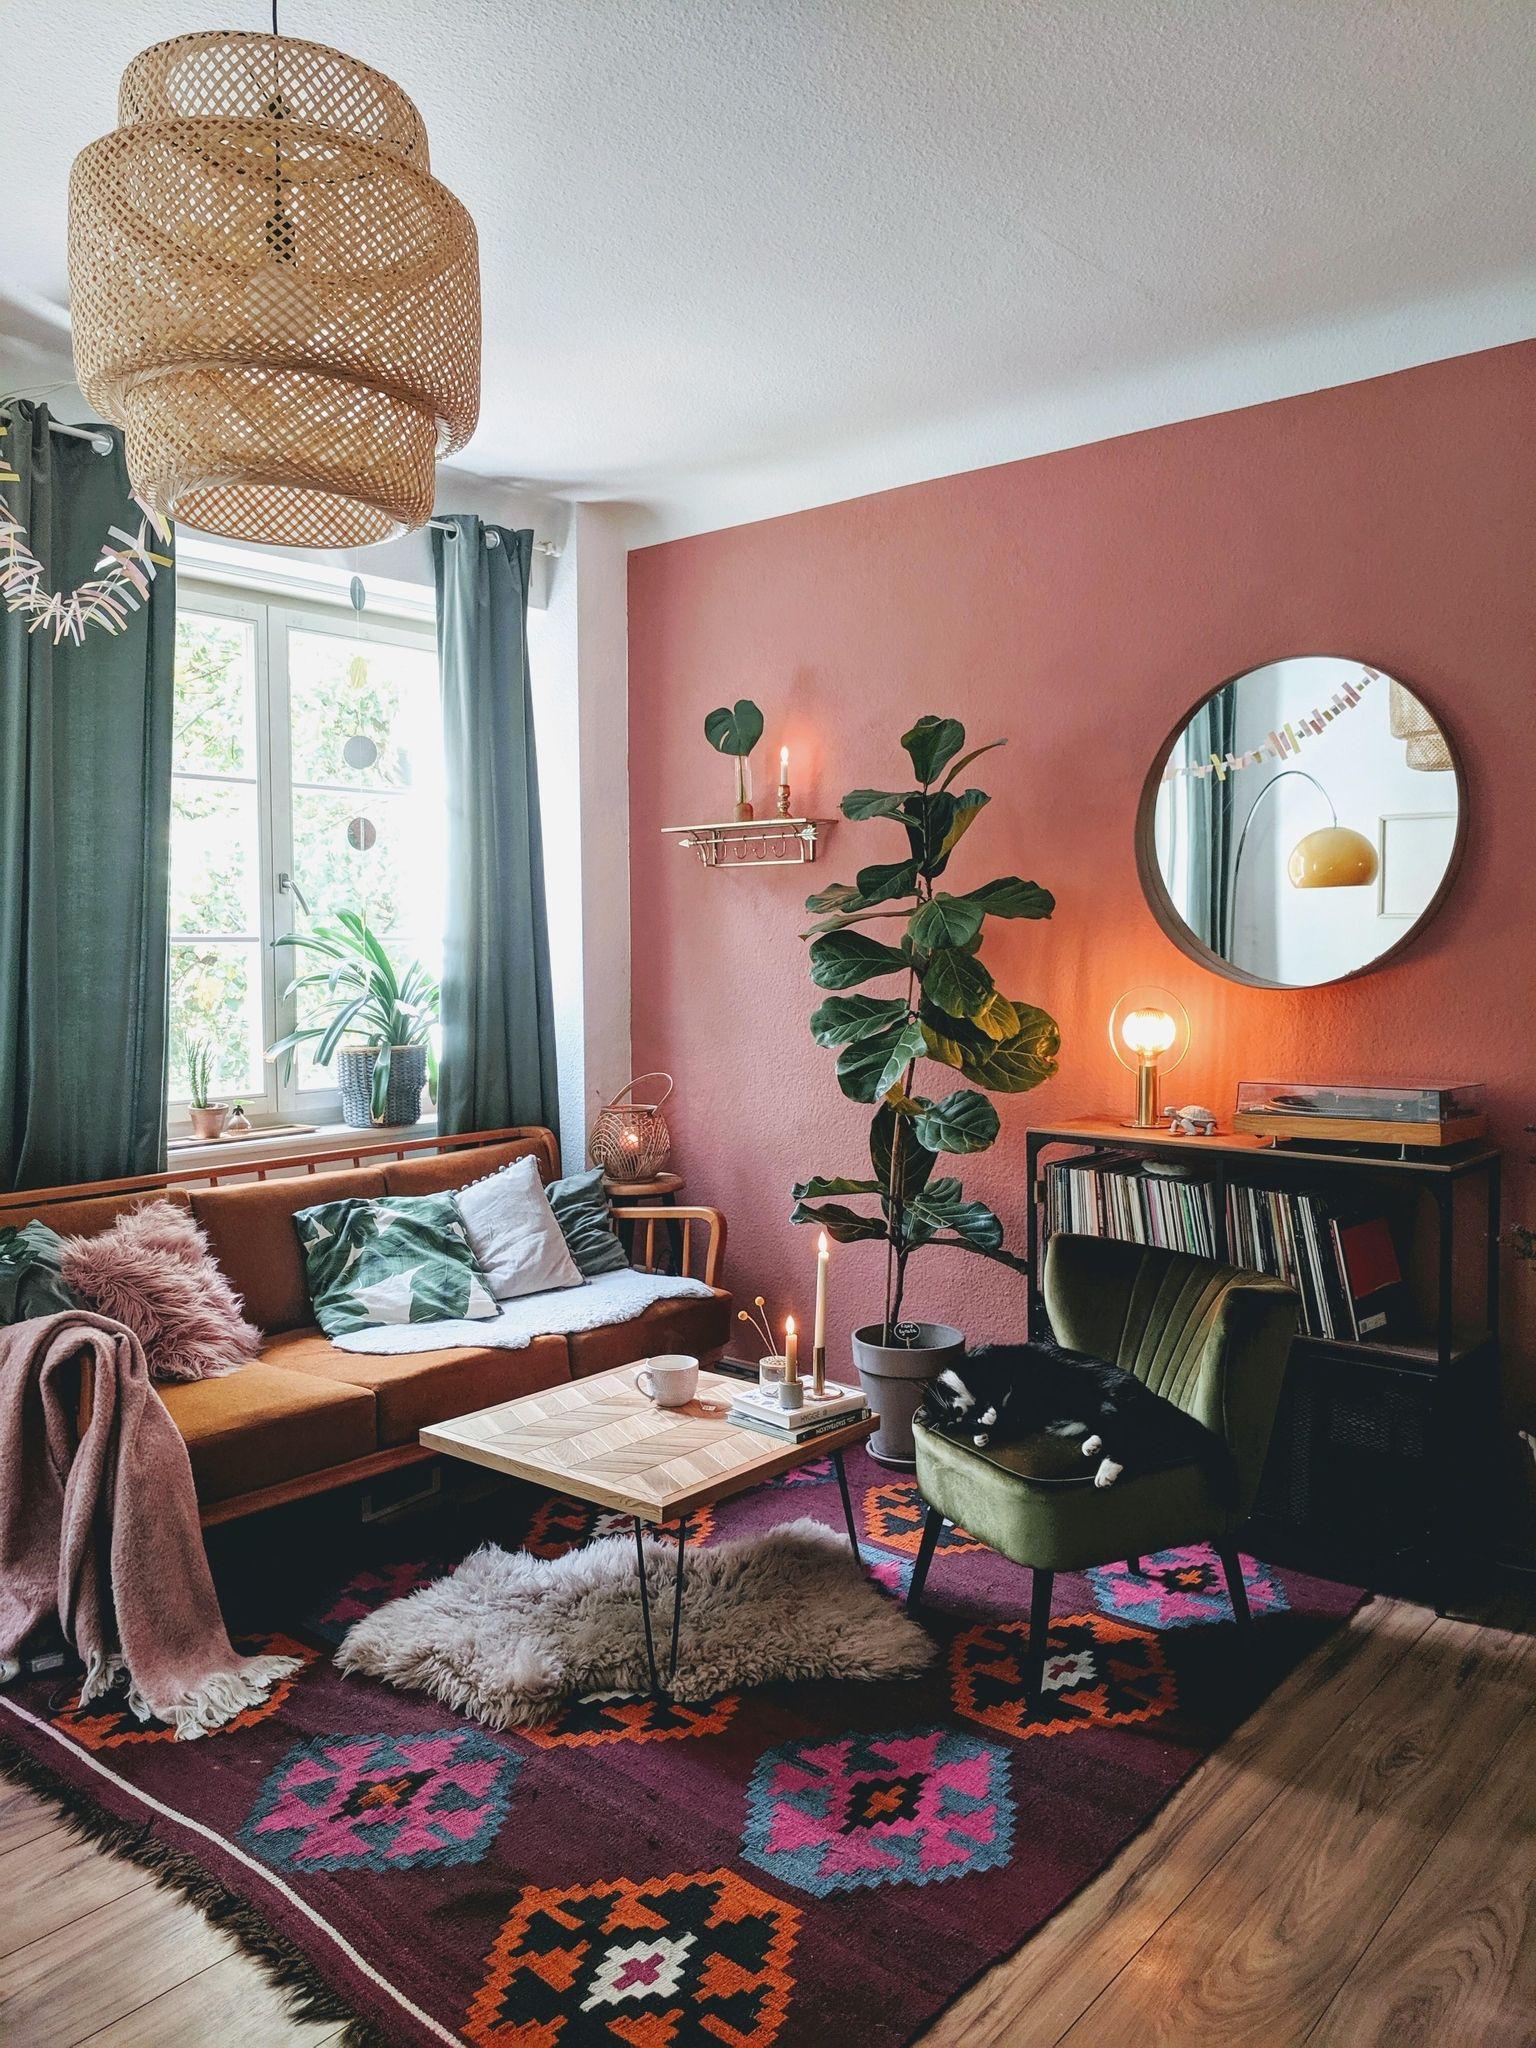 Wandfarben Ideen Farbe Fur Deine Wande Wandfarbe Wohnzimmer Wohnzimmer Bunt Einrichtungsideen Wohnzimmer Farbe